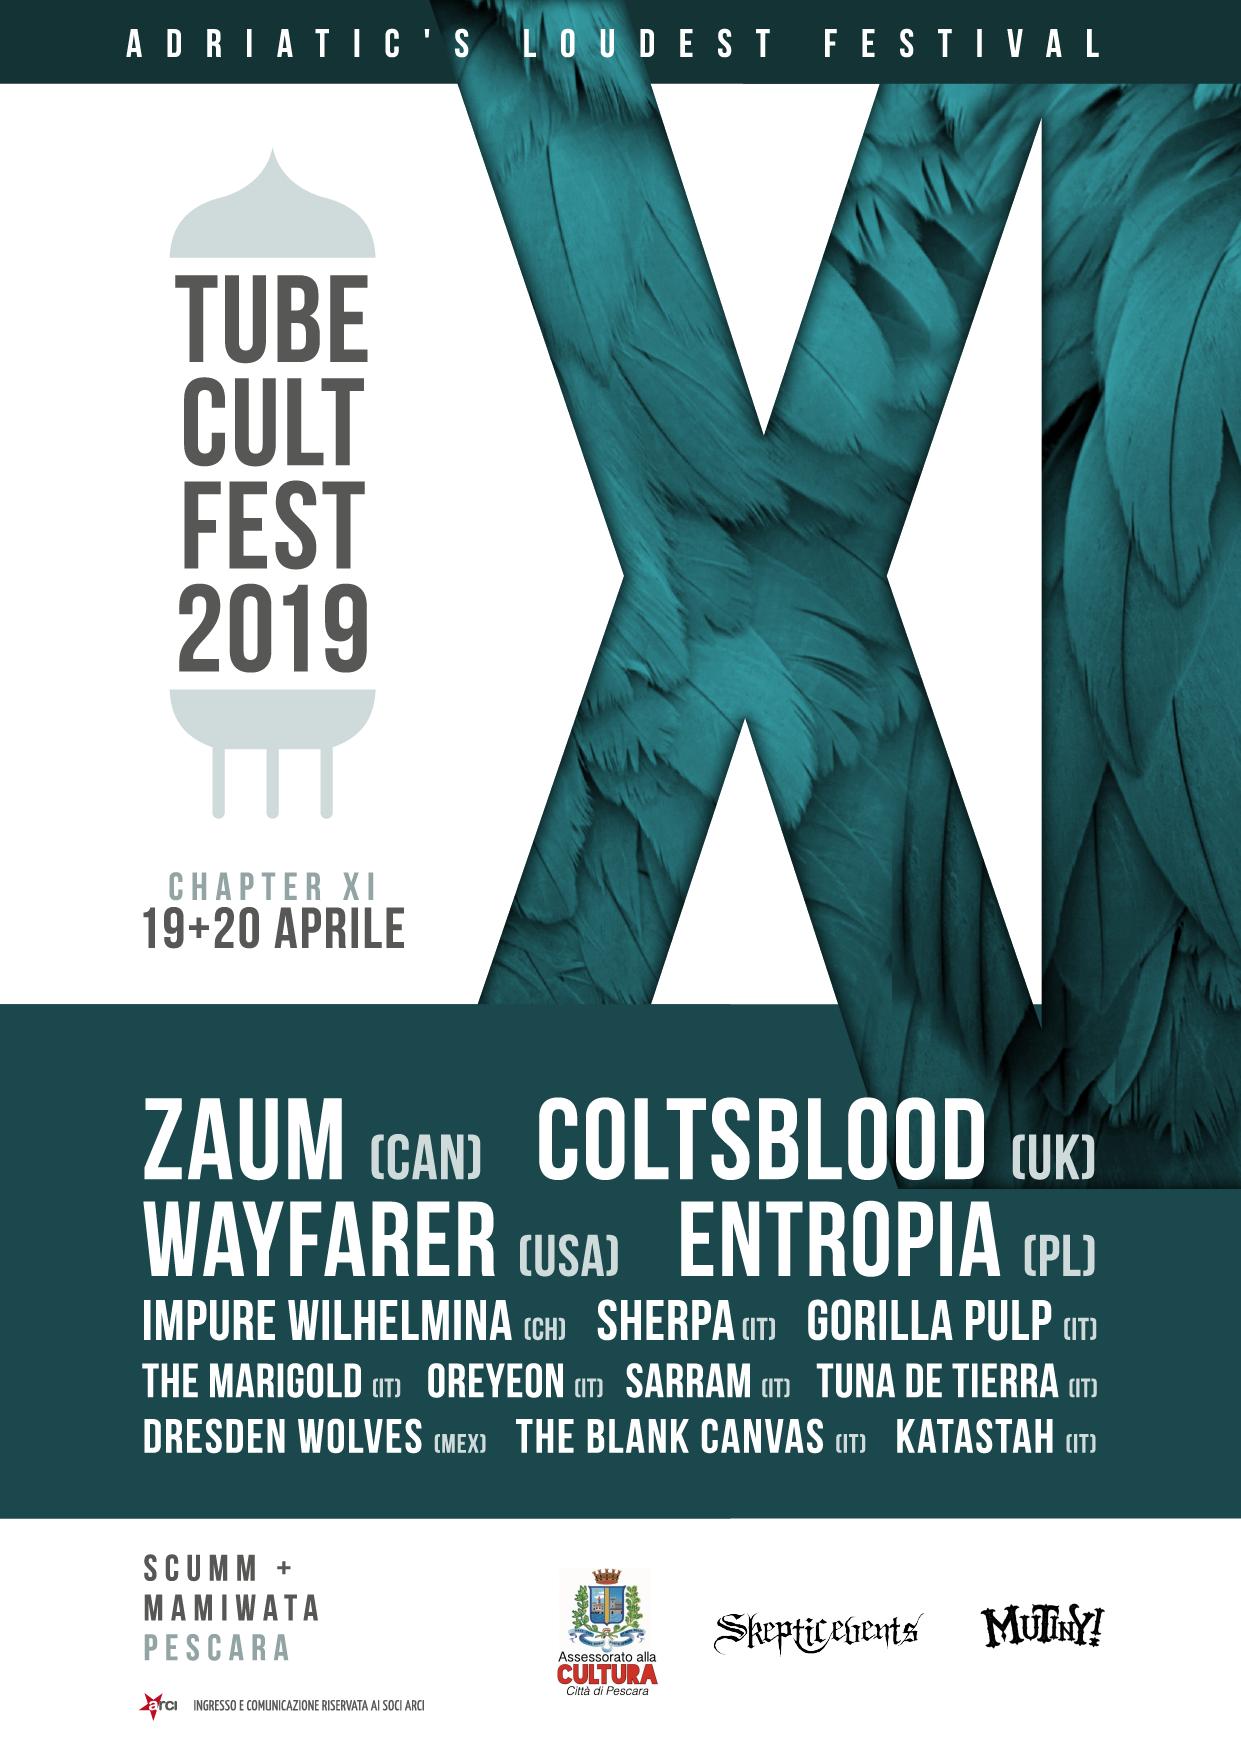 Tube Cult Fest 2019